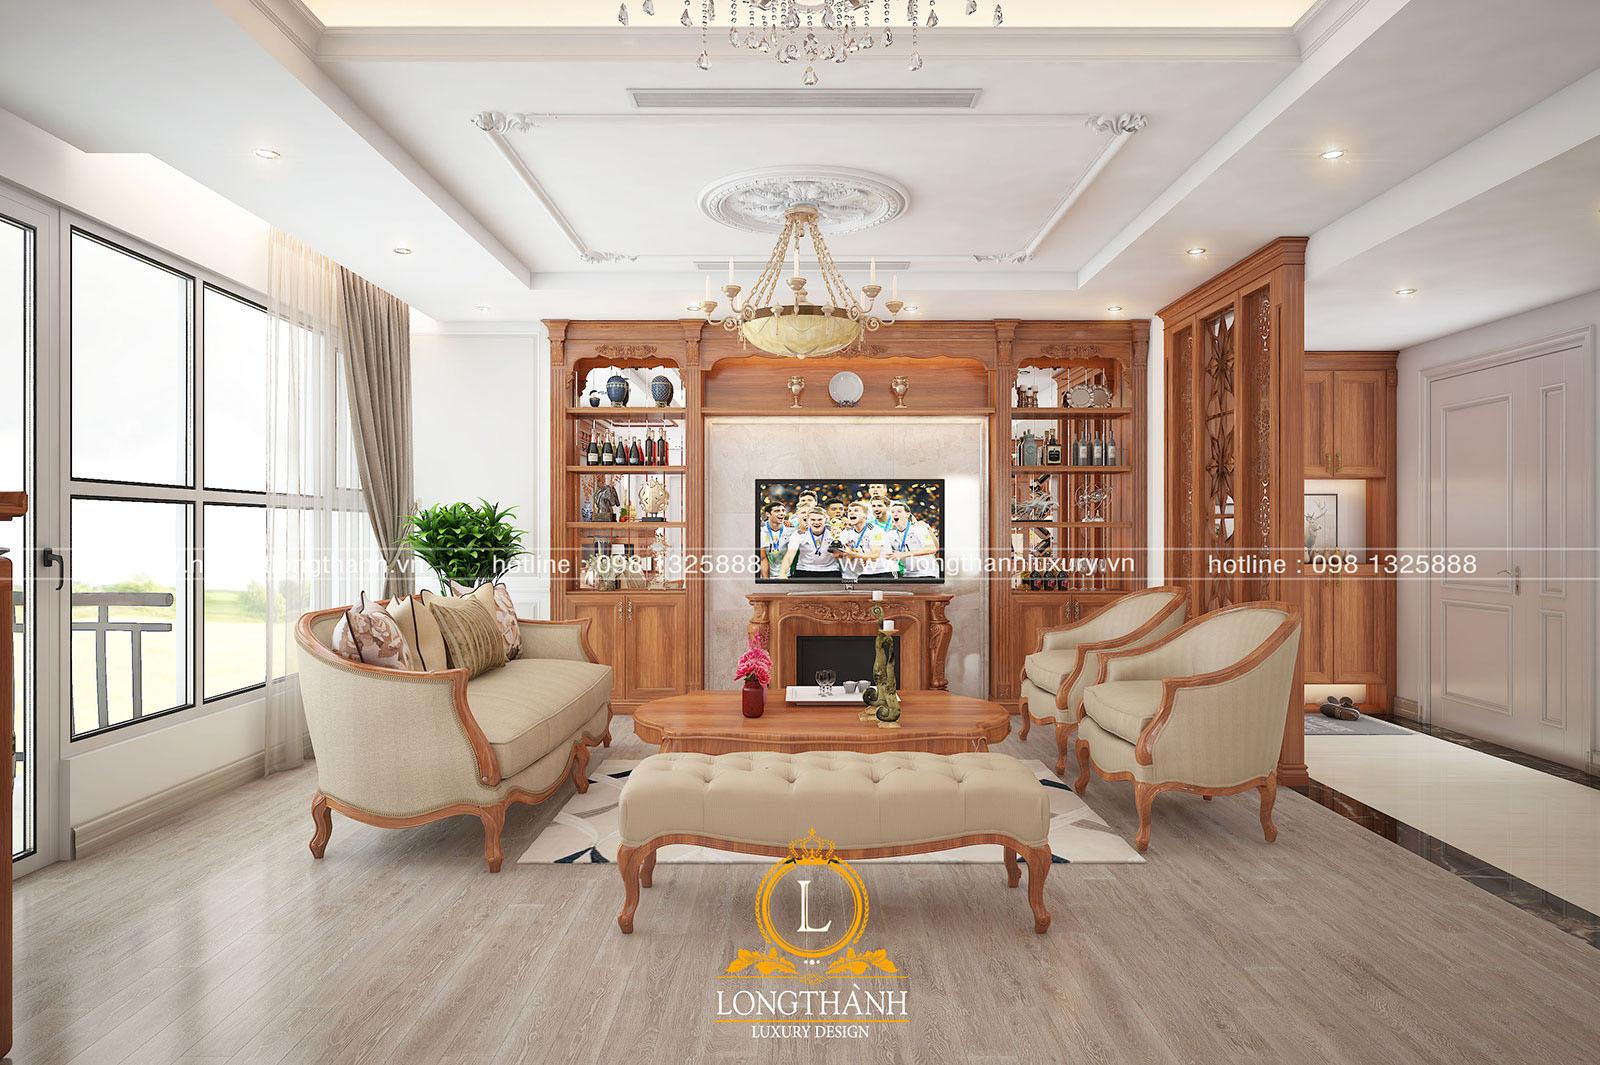 Sofa gỗ hương mang xu hướng tân cổ điển giản đơn